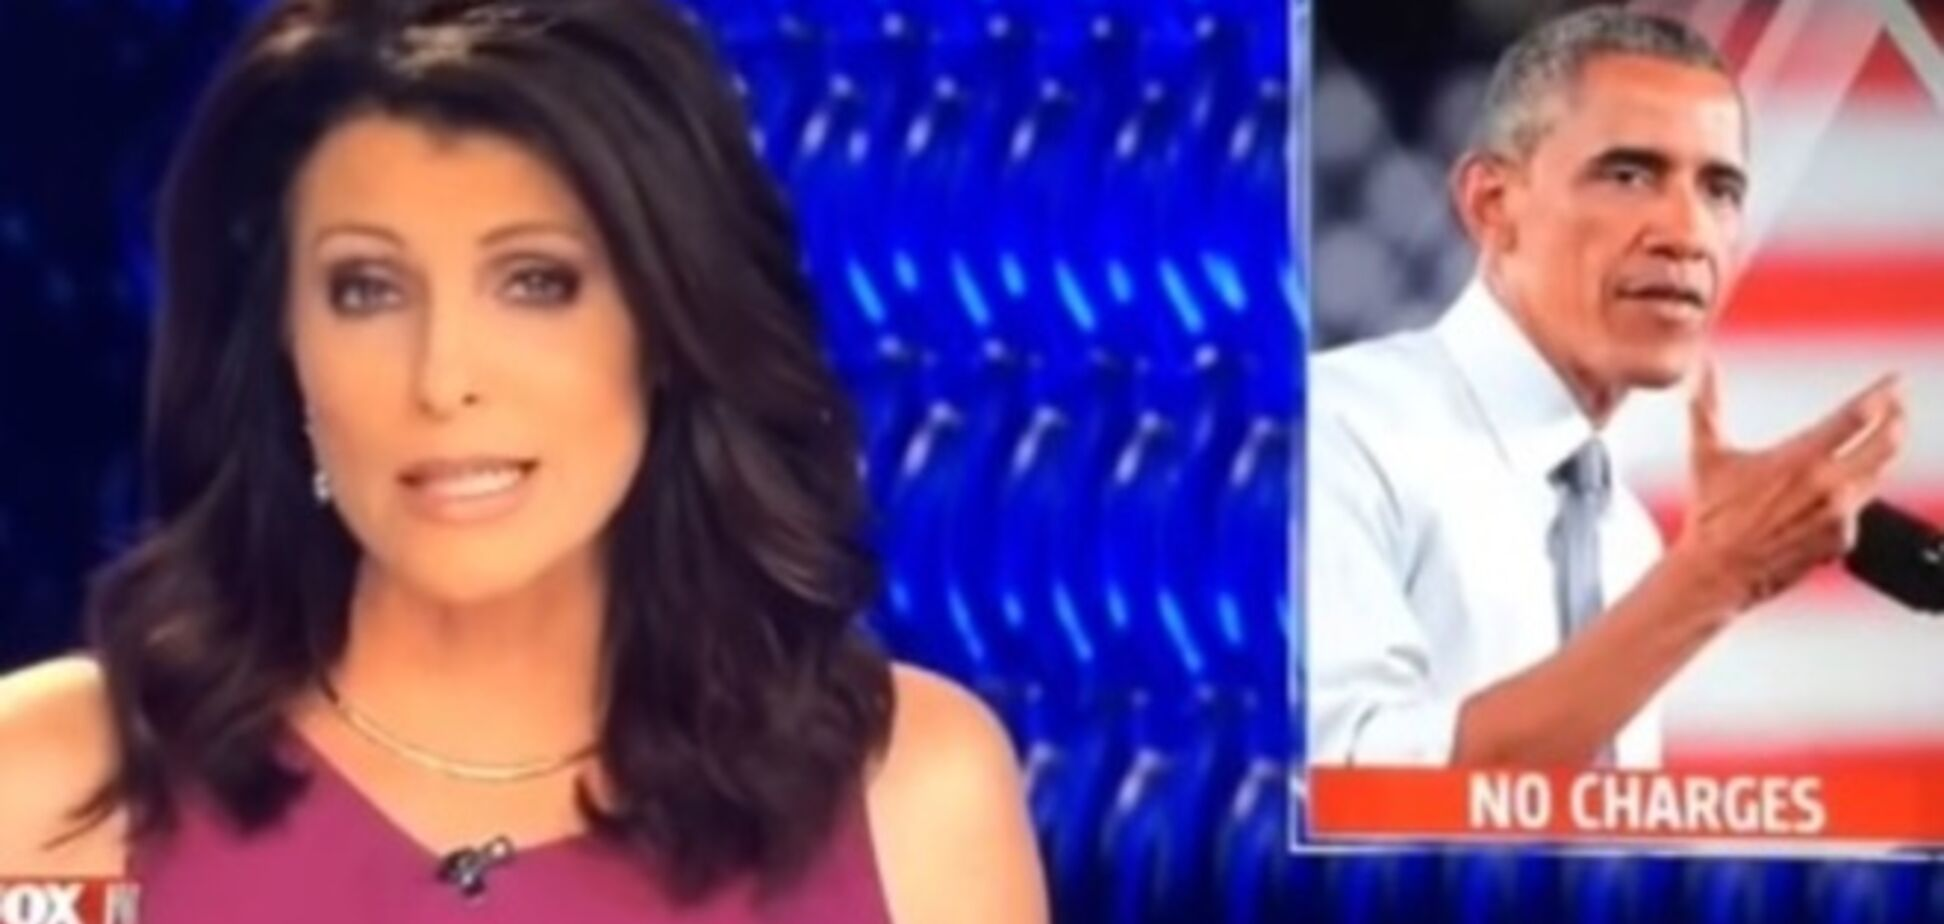 Телеканал в США 'обвинил' Обаму в изнасиловании: видеофакт